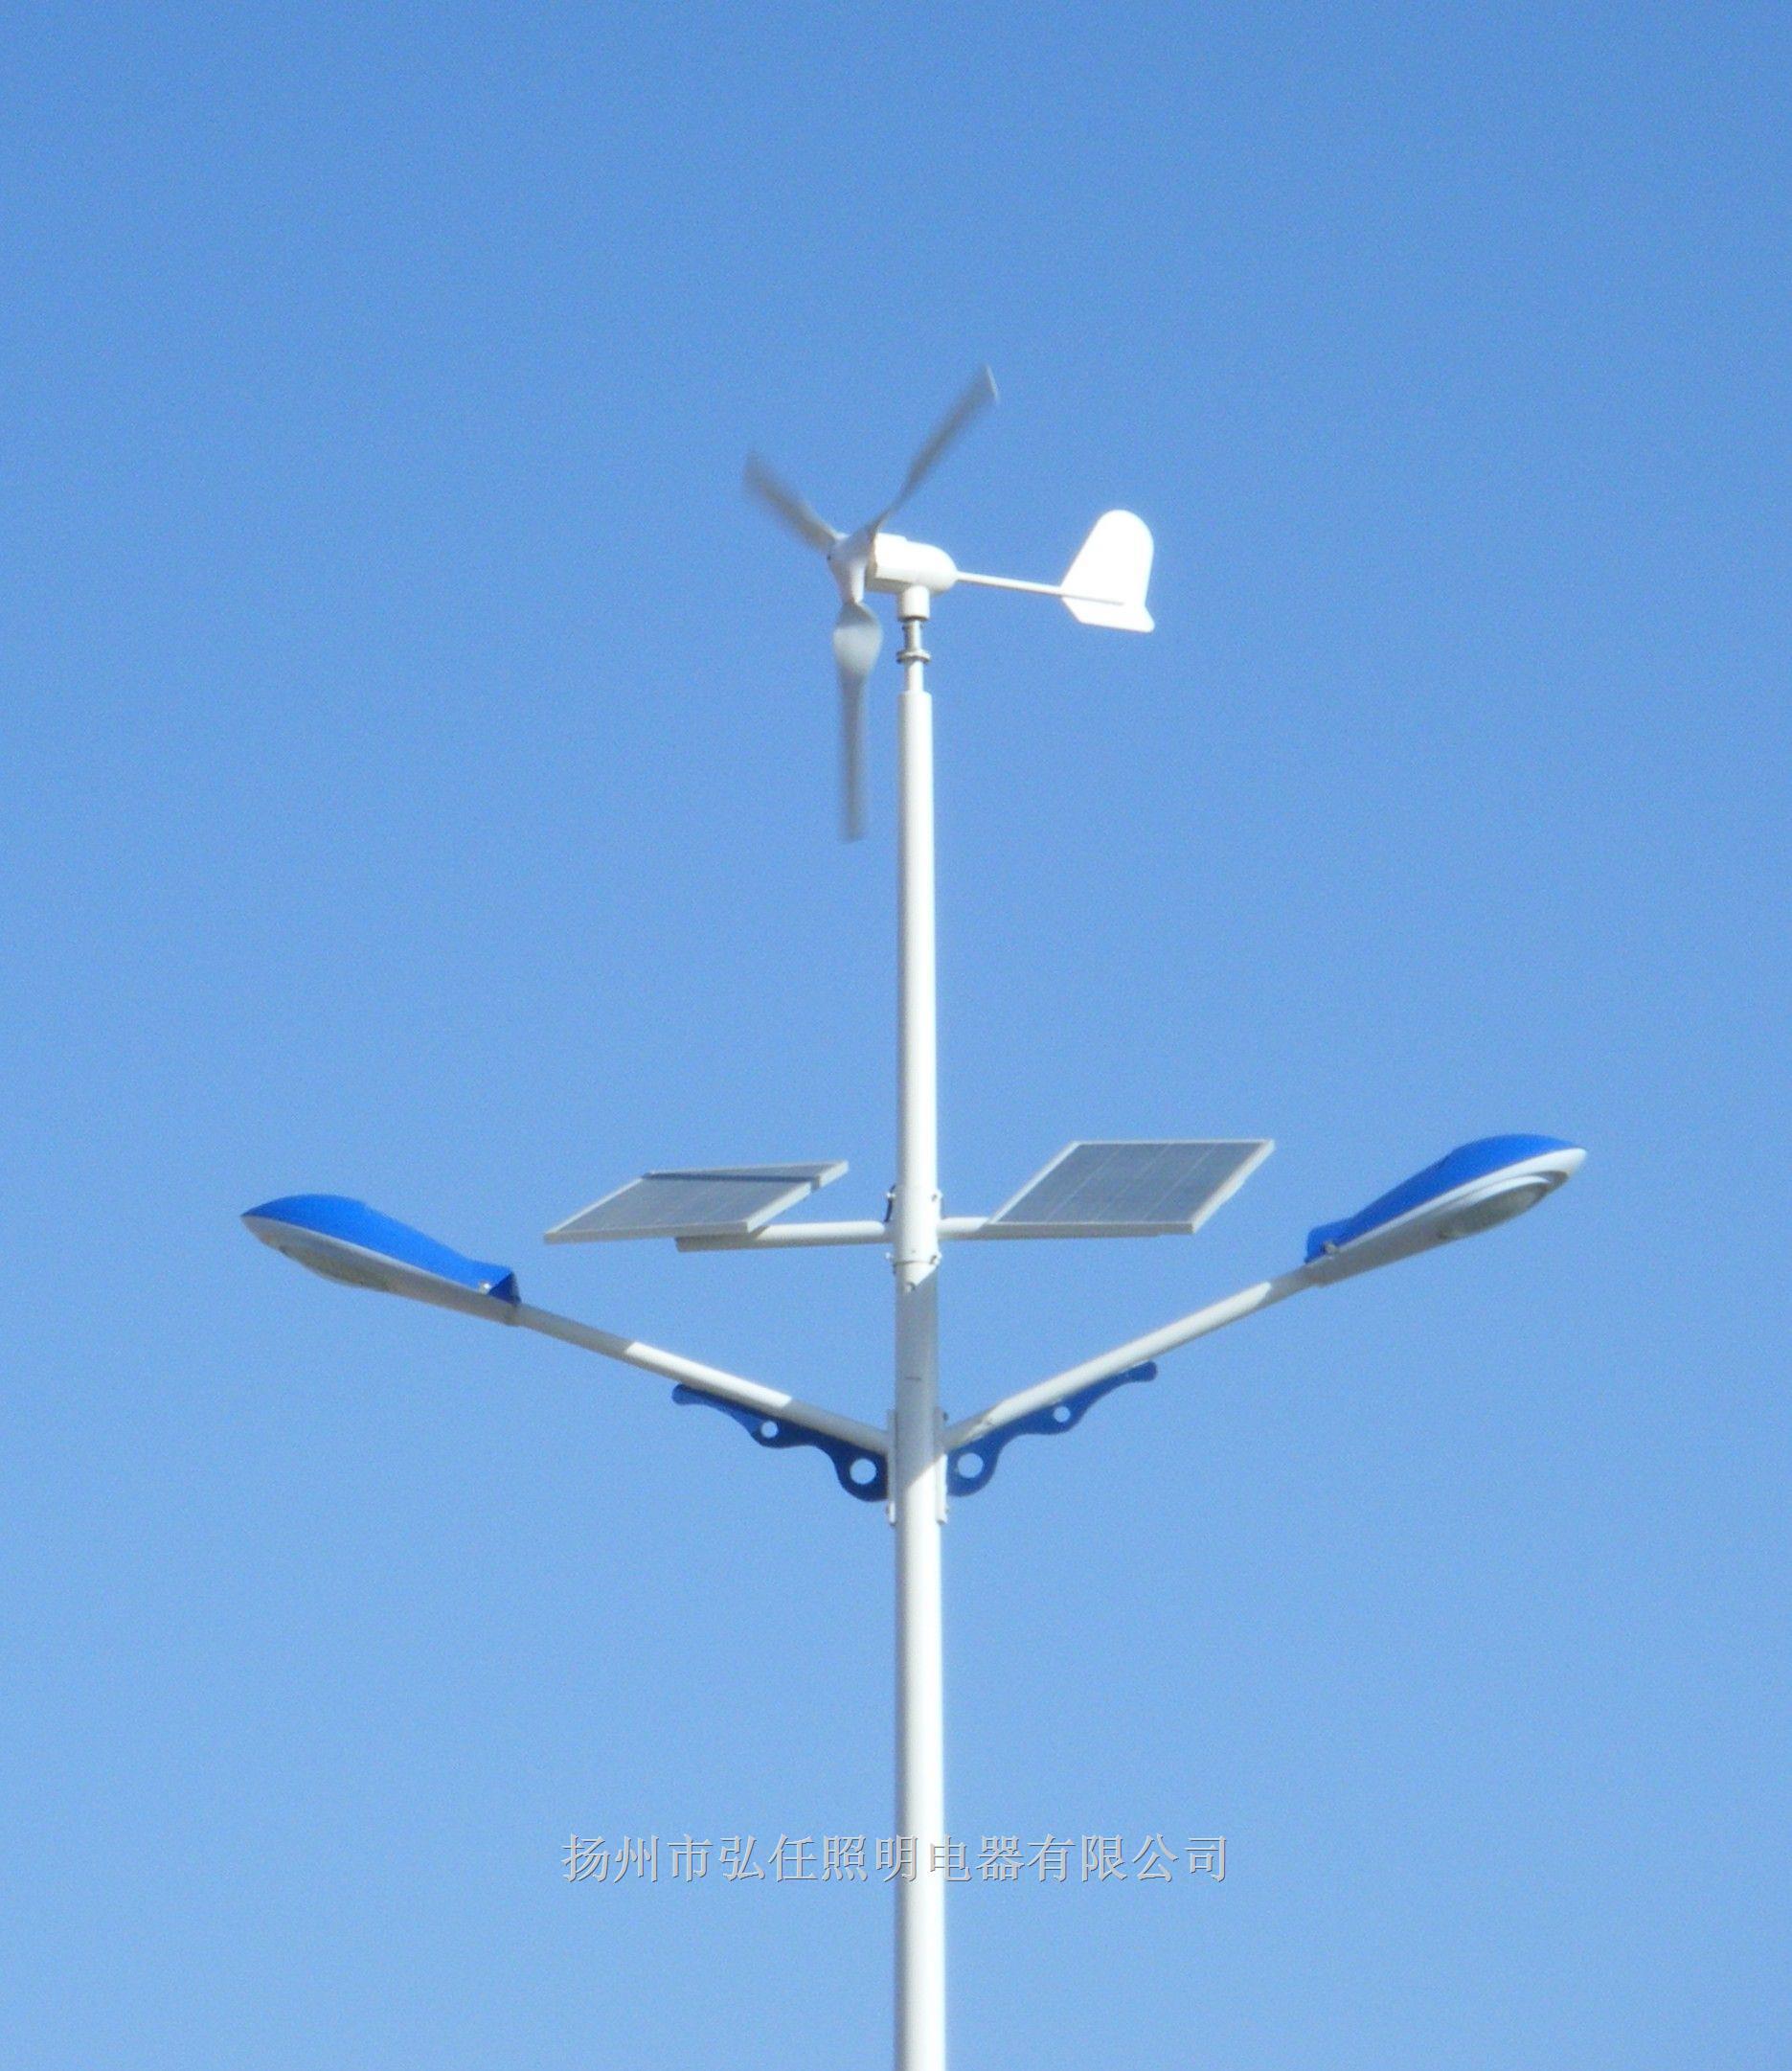 风光互补太阳能路灯所采用的光伏组件因应用地光照资源的条件限制,在选择及配比功率上要考虑经济性的因素,无论单晶硅、多晶硅或者非晶硅材质的太阳能电池组件,在满足其转化率在15%一17%的按要求因地制宜的选择。选择安装时还需要据安装地所处纬度的不同设定不同向阳倾角。风光互补路灯的照明灯具,在选择上以低压24V灯具为主,如节能灯、无极灯、LED灯、金卤灯等,这些灯具的不同组合的亮度可以达到普通高压灯具照明的效果,灯具的照度、高度等一系列参数需要符合路灯的标准,灯具功率大小不仅需要和风力发电设备及太阳能发电设备的发